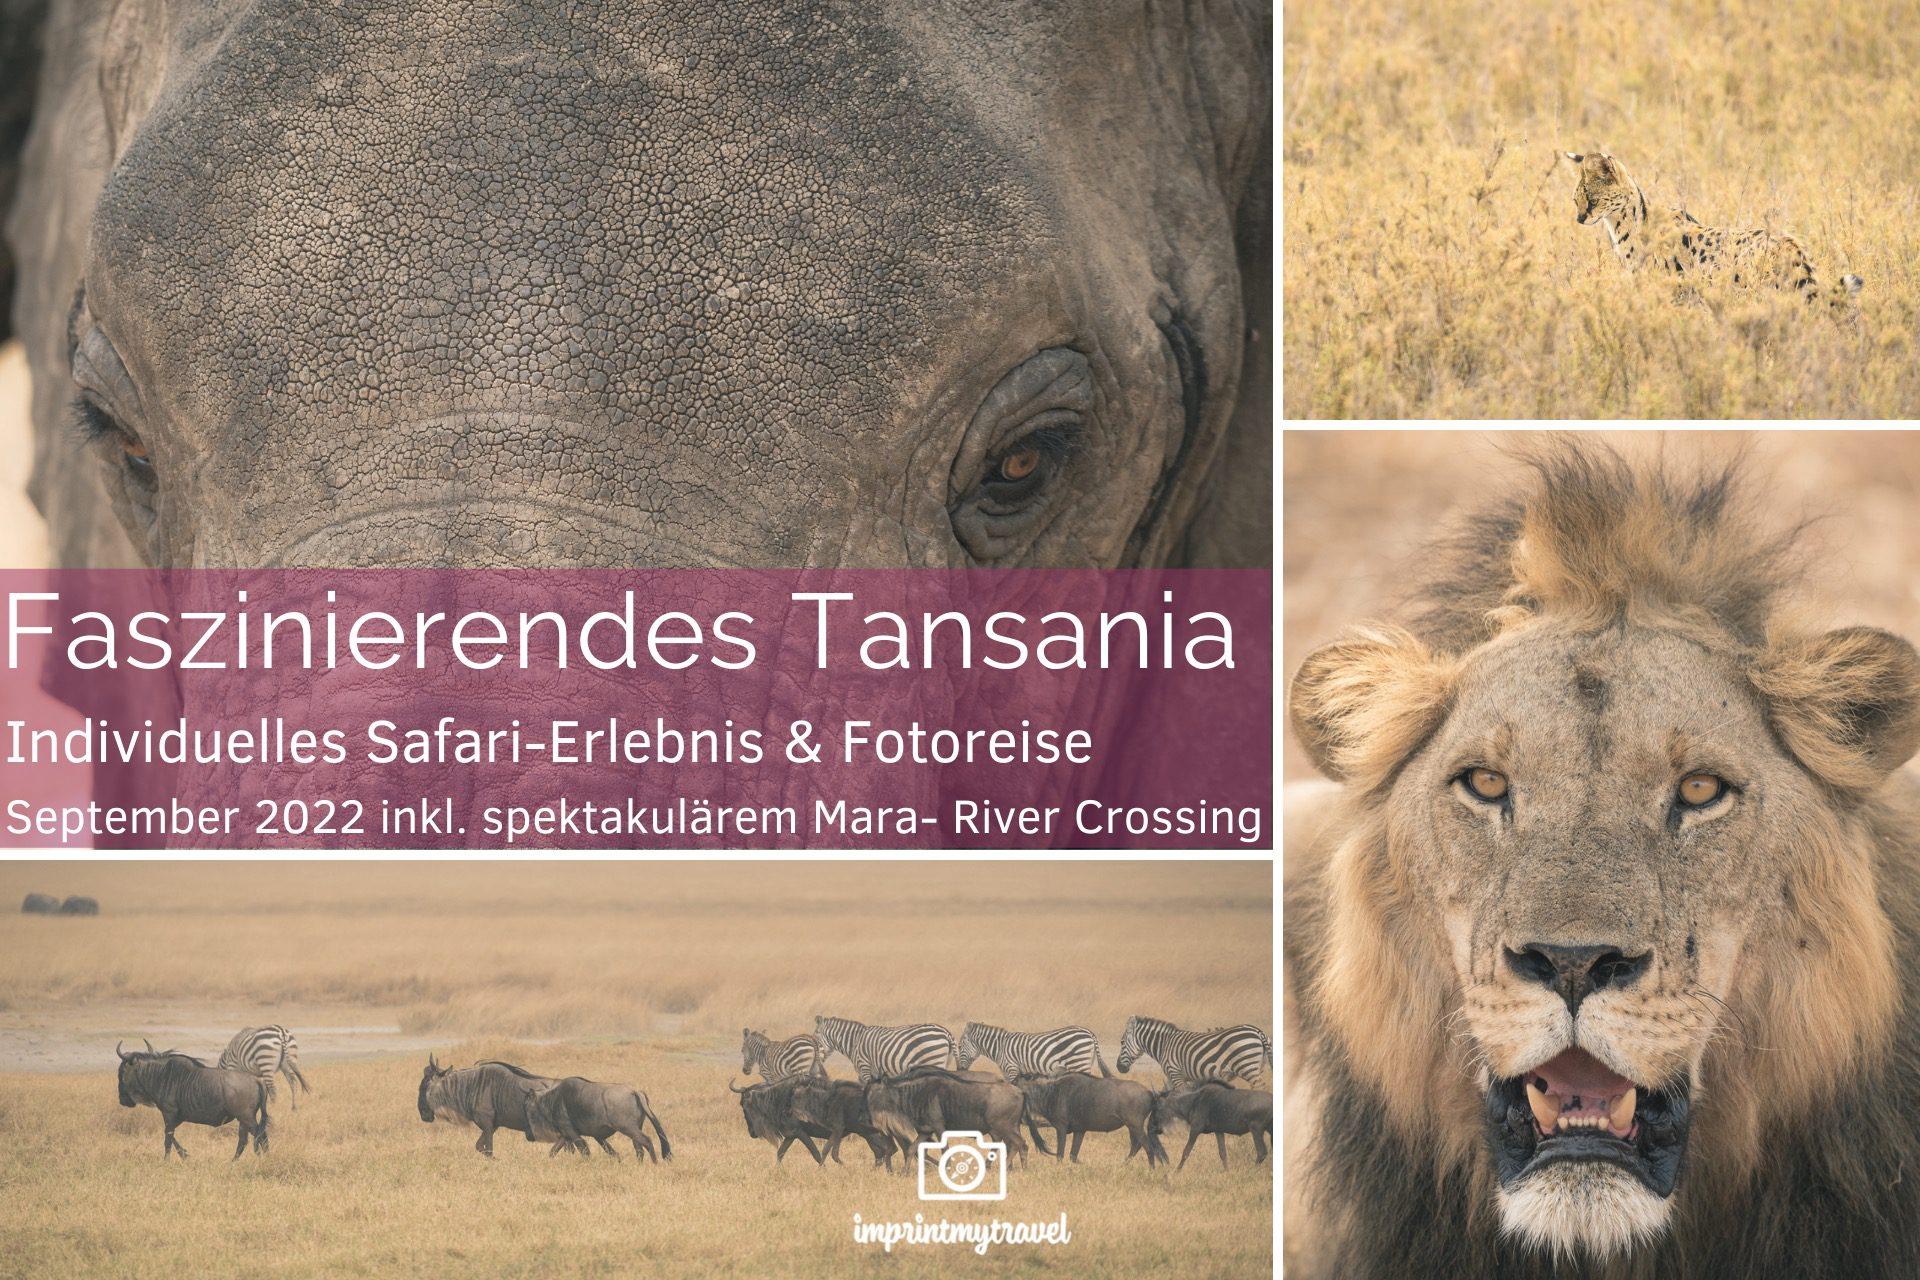 fotoreise tansania titel 2022